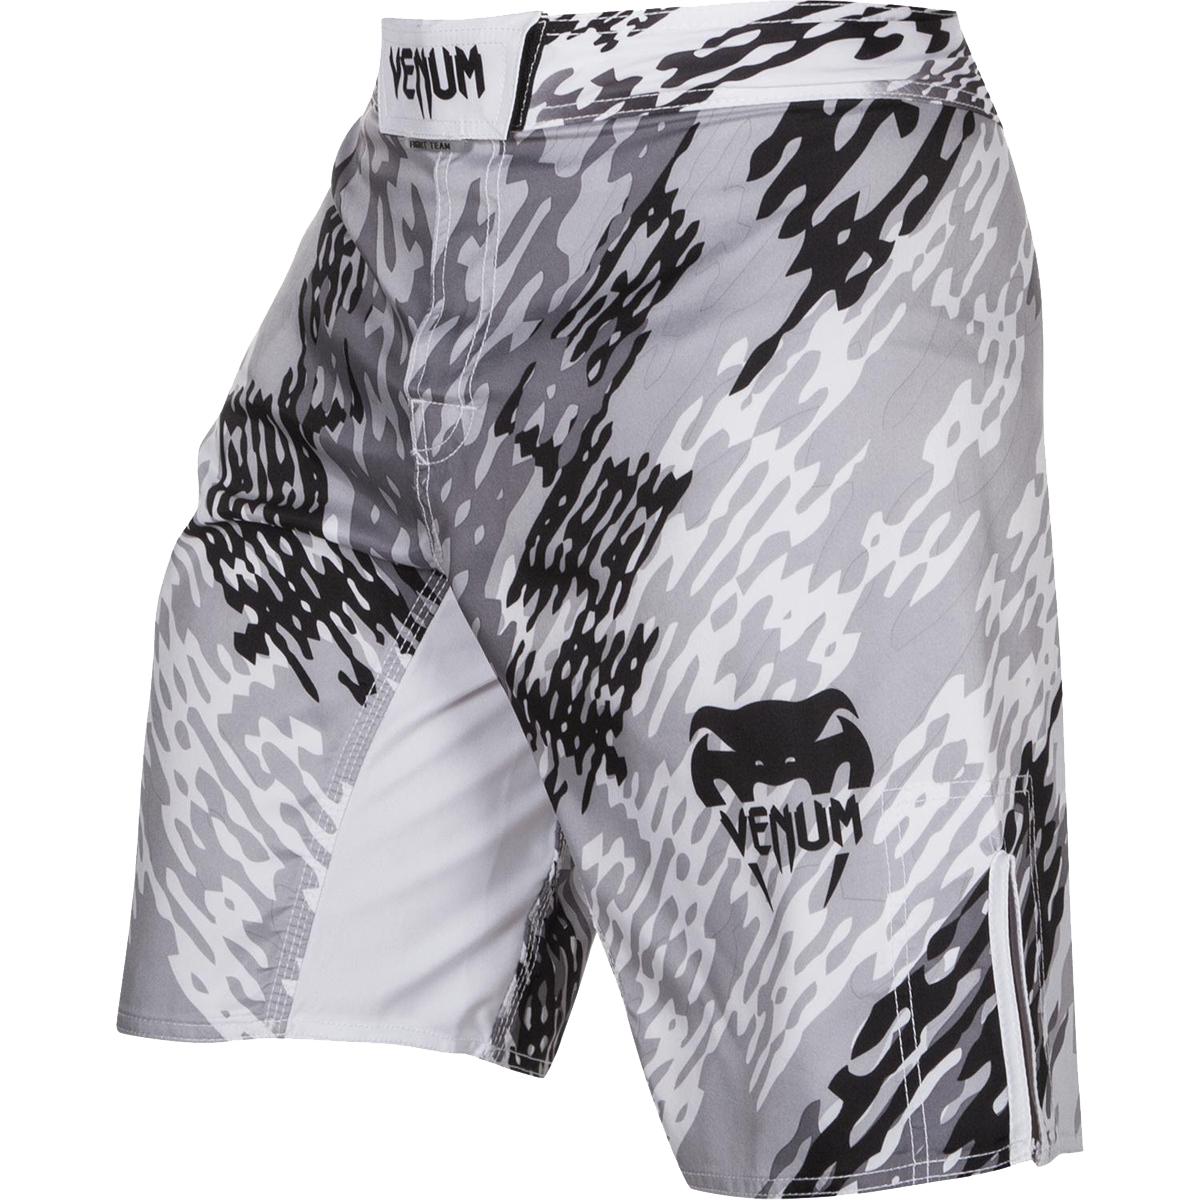 Venum Neo Camo MMA Fight Shorts - White/Black